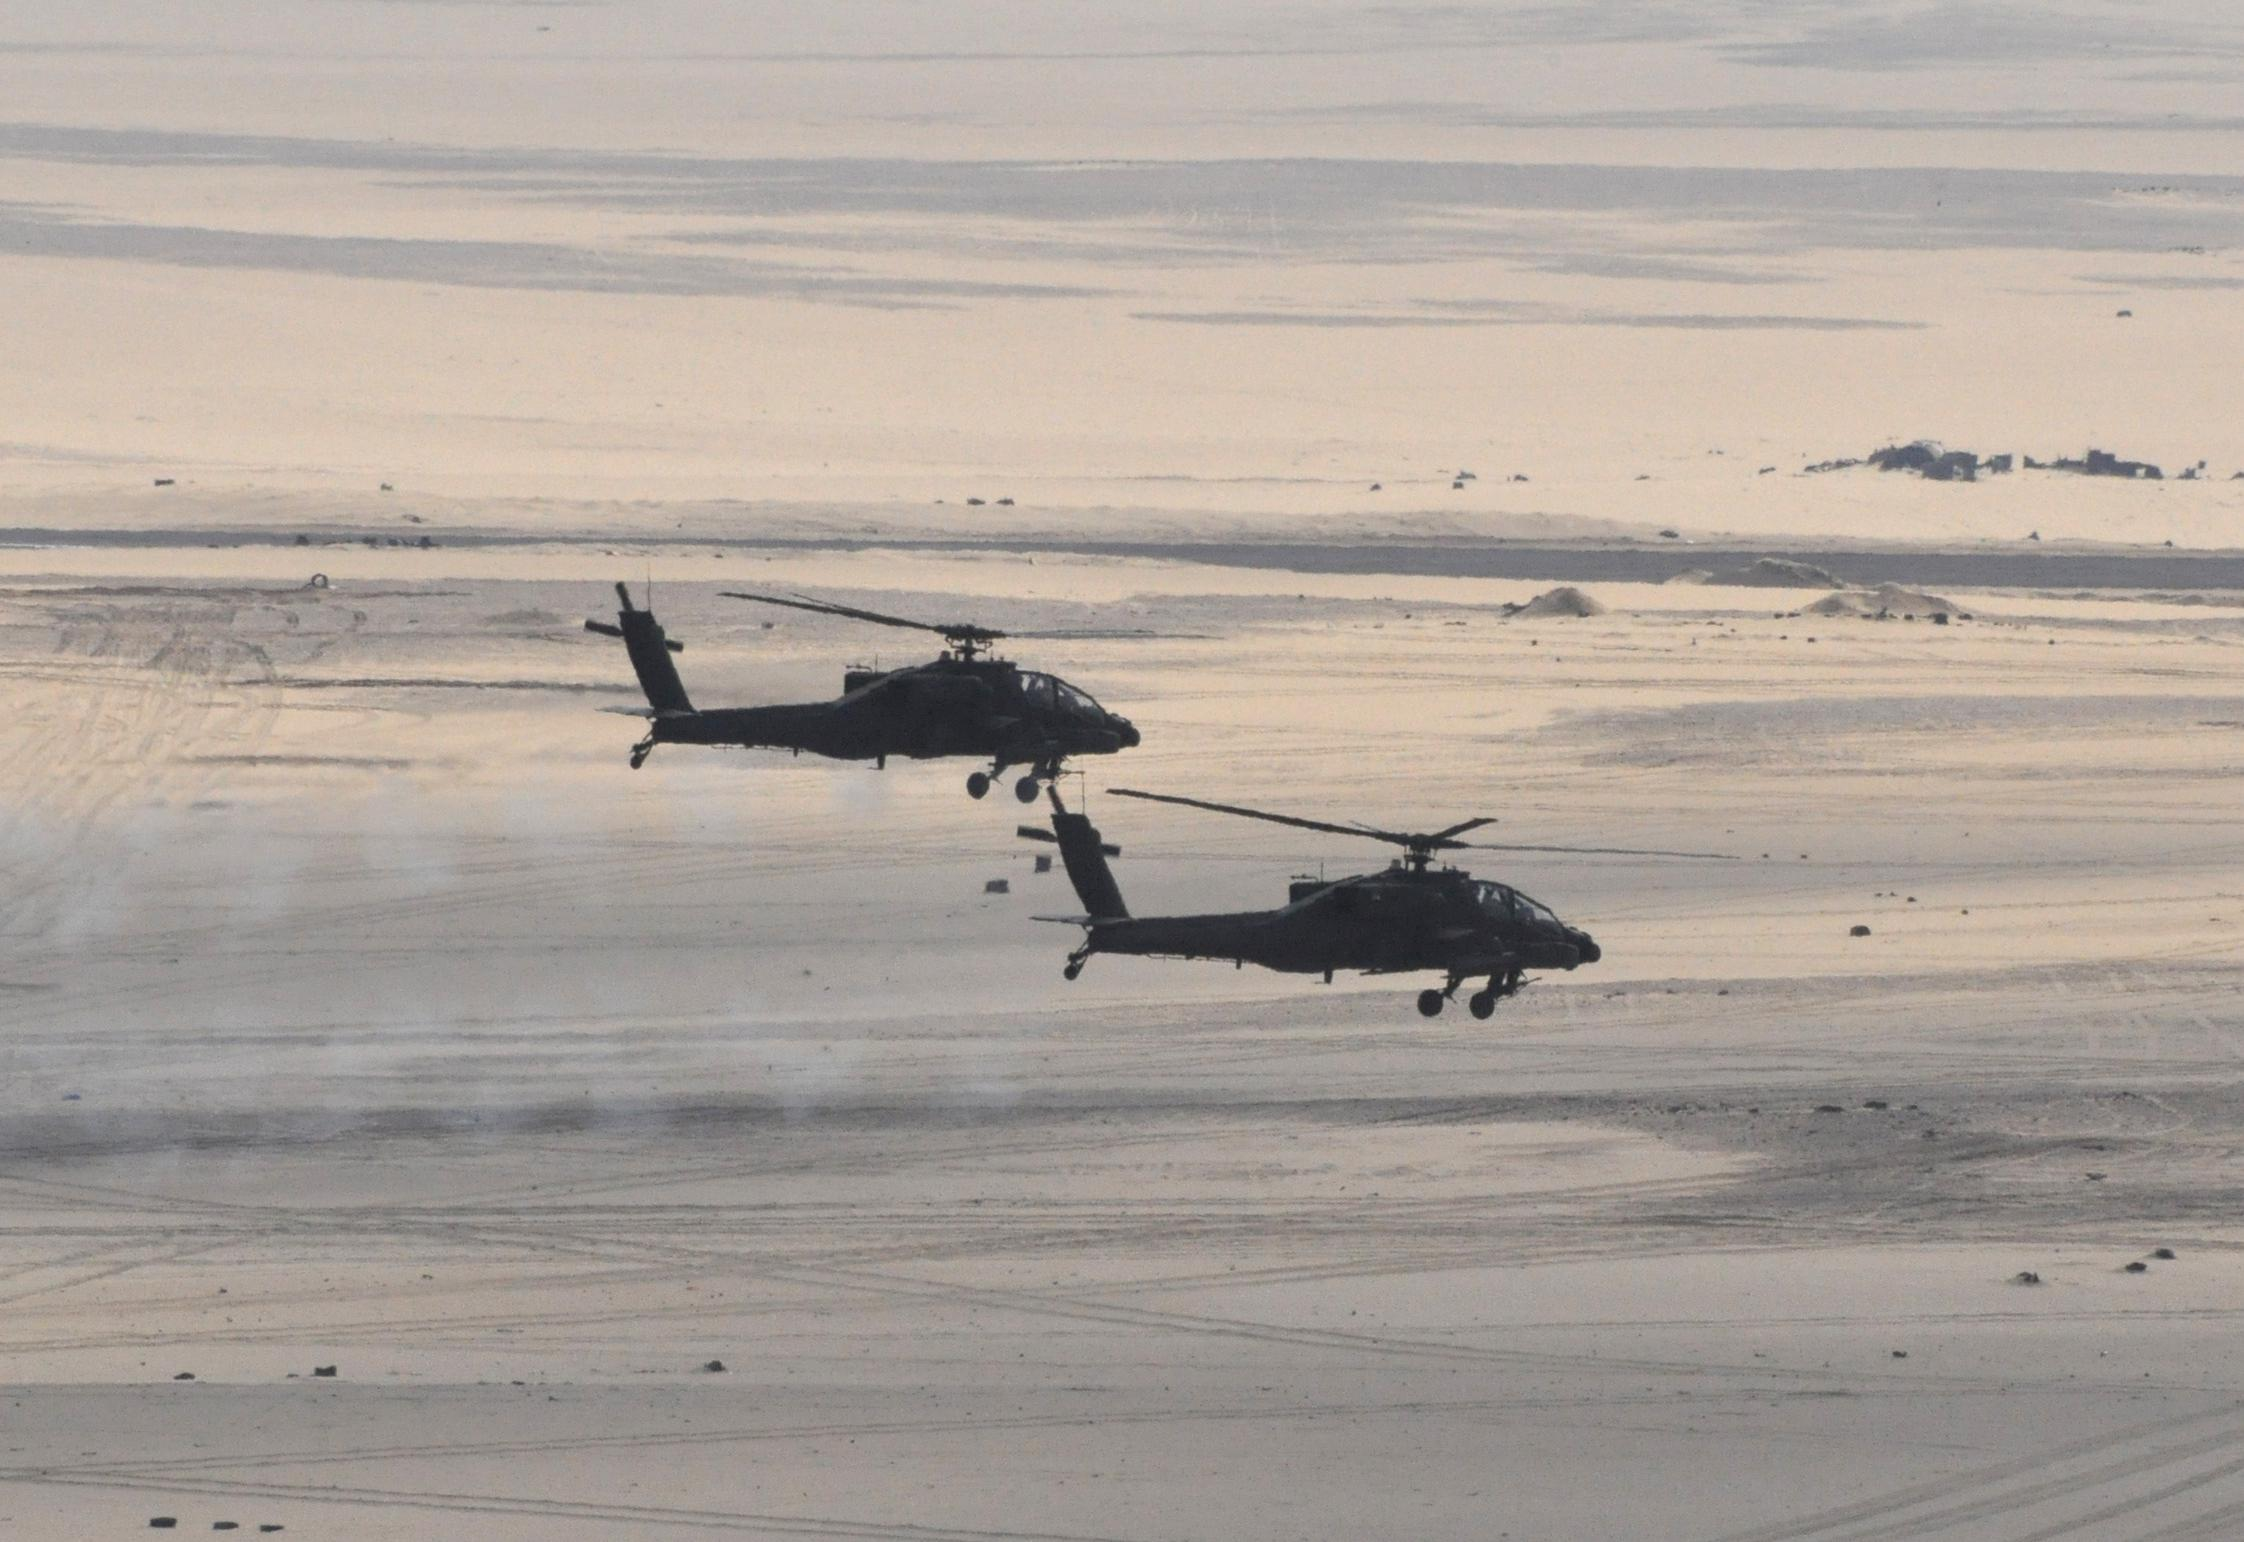 البيان الثاني للقوات المسلحة بشأن عملية سيناء 2018 والاسلحة التي ظهرت في العملية 4